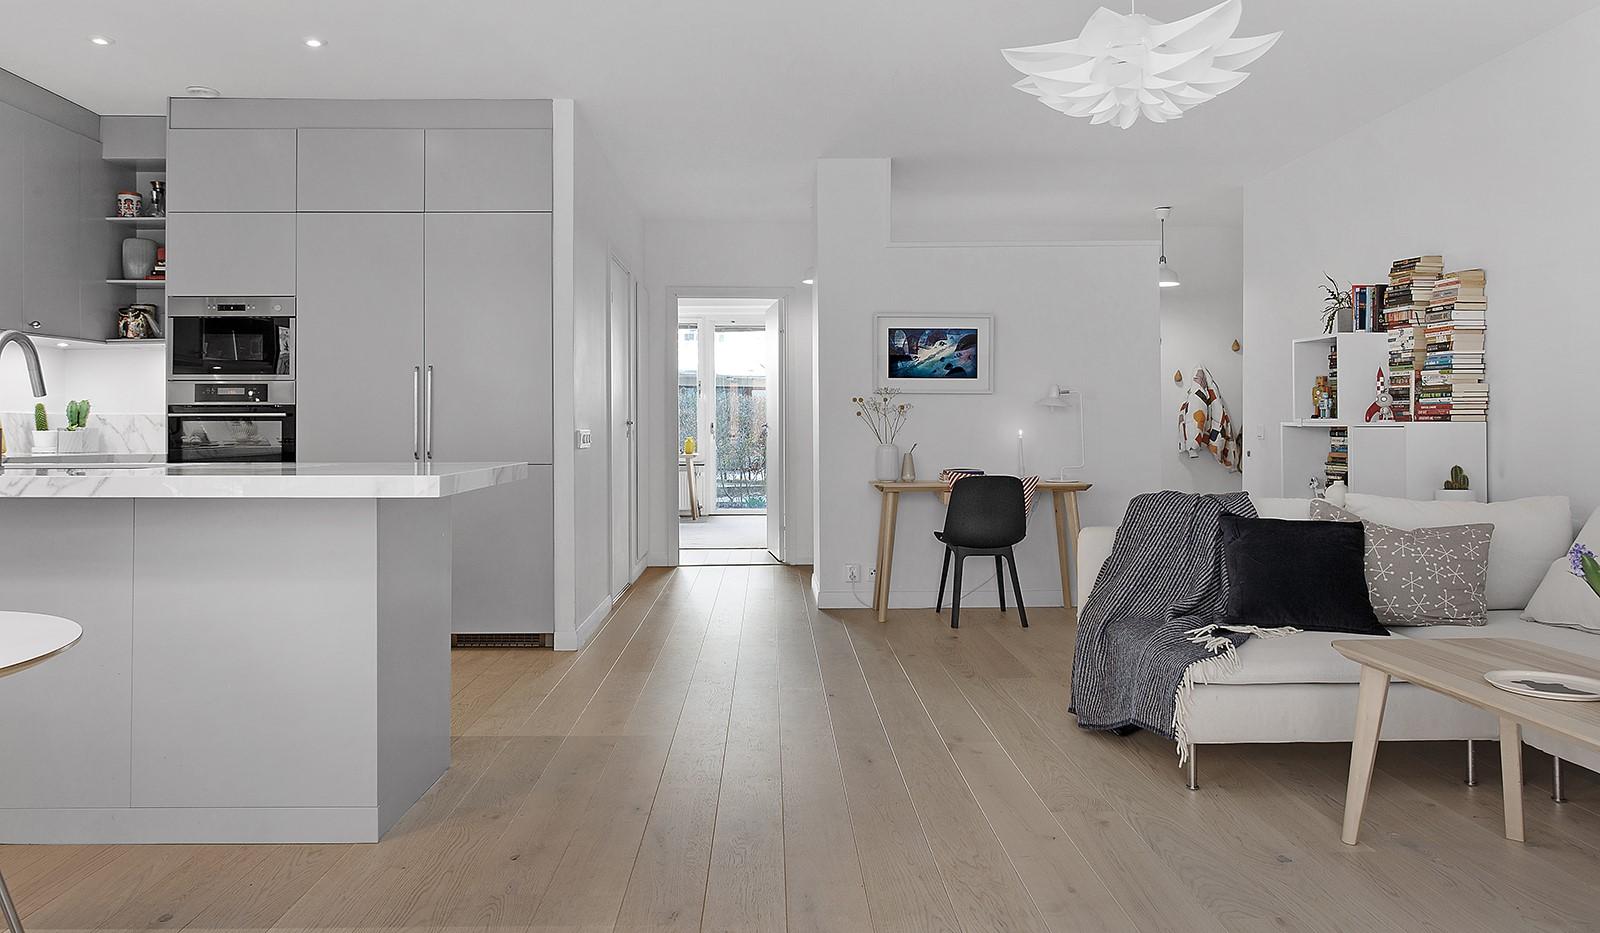 Sickla kanalgata 13B - Social och öppen planlösning mellan vardagsrum och kök